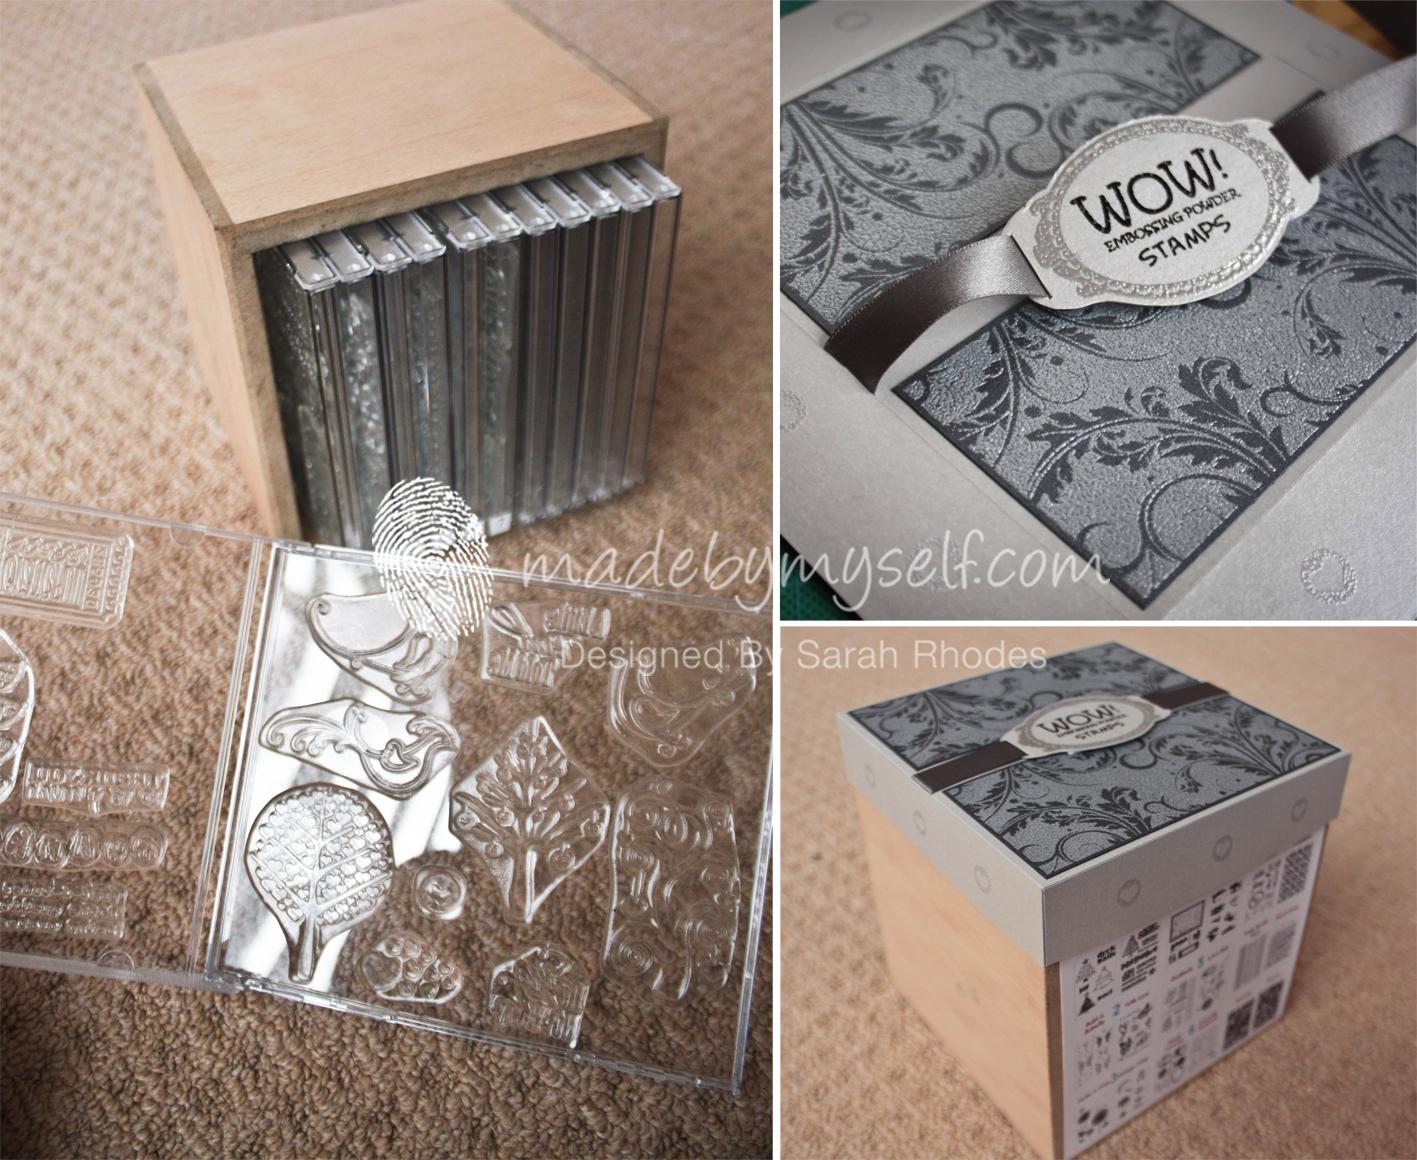 & Handy Stamp Storage Idea